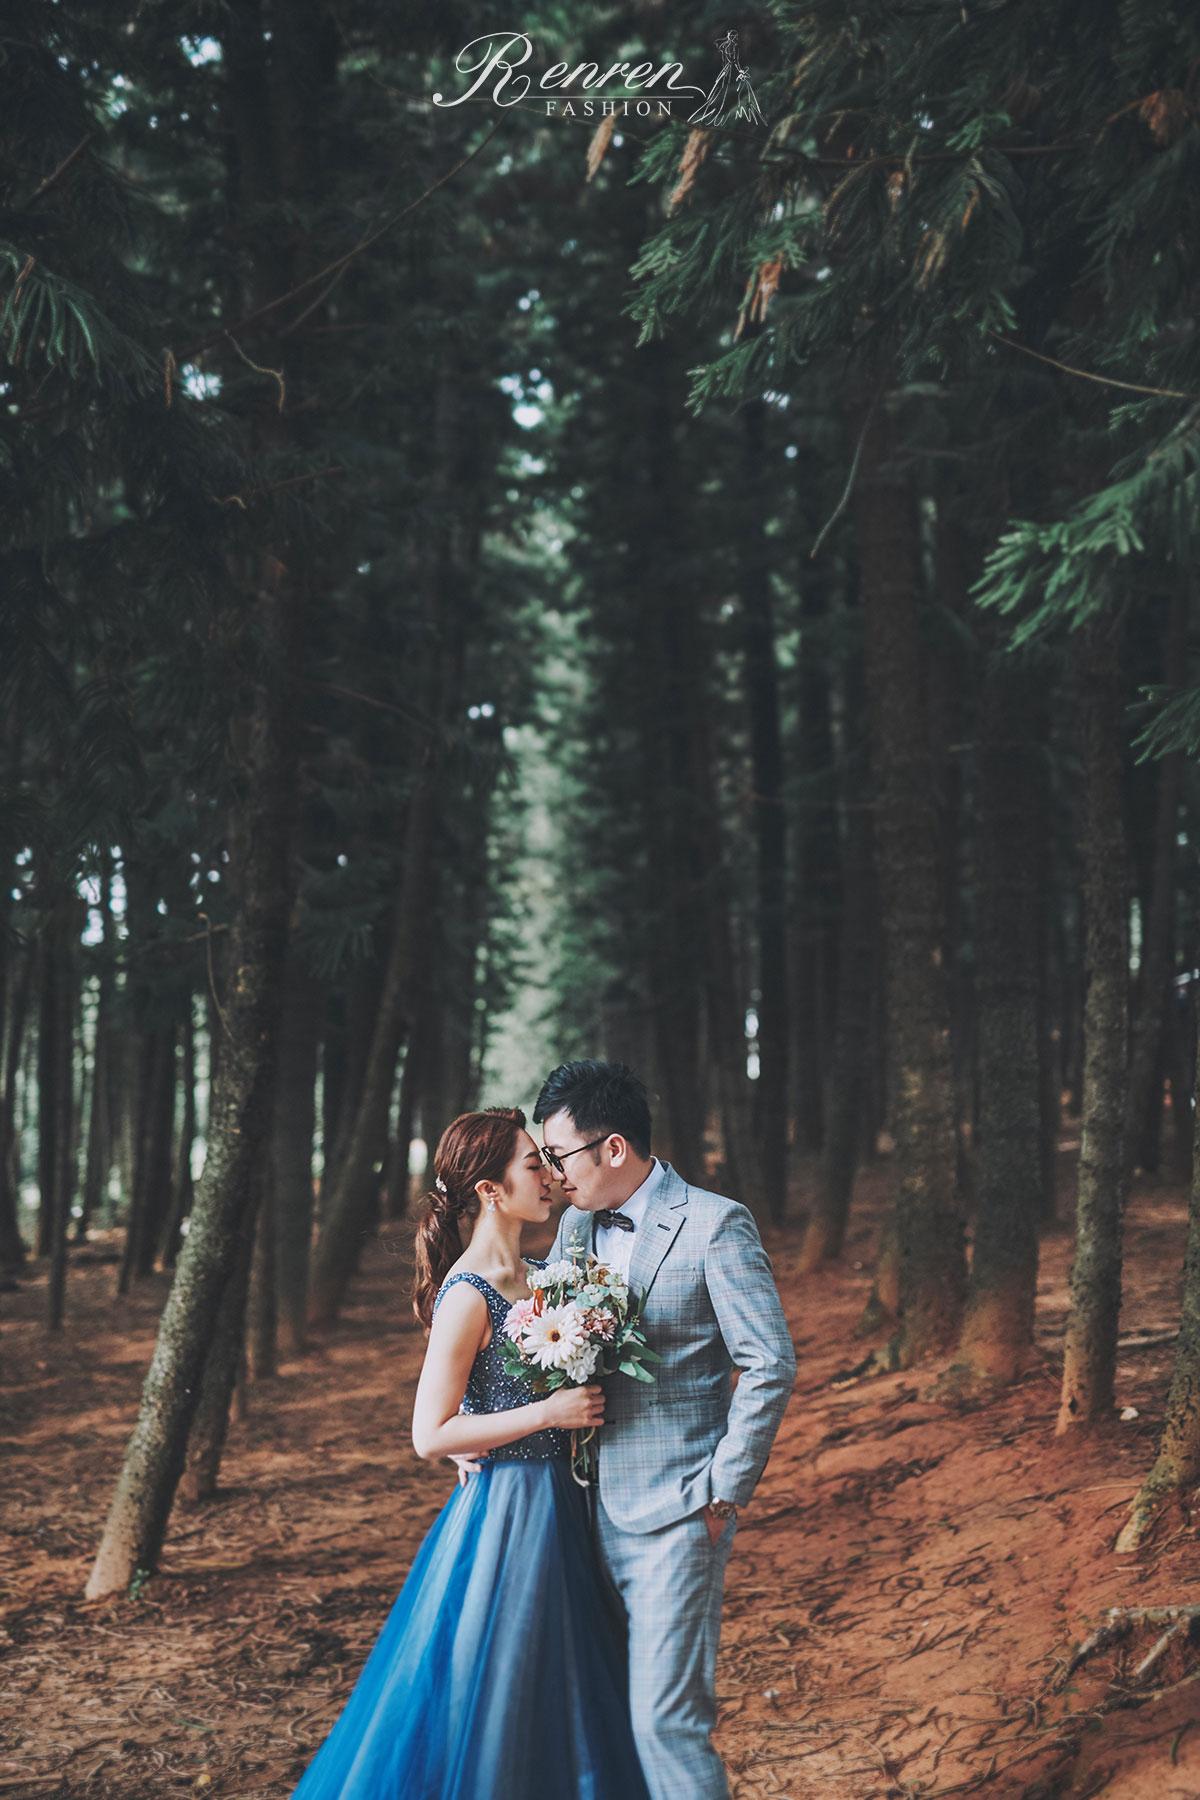 九天森林-台中婚紗-冉冉